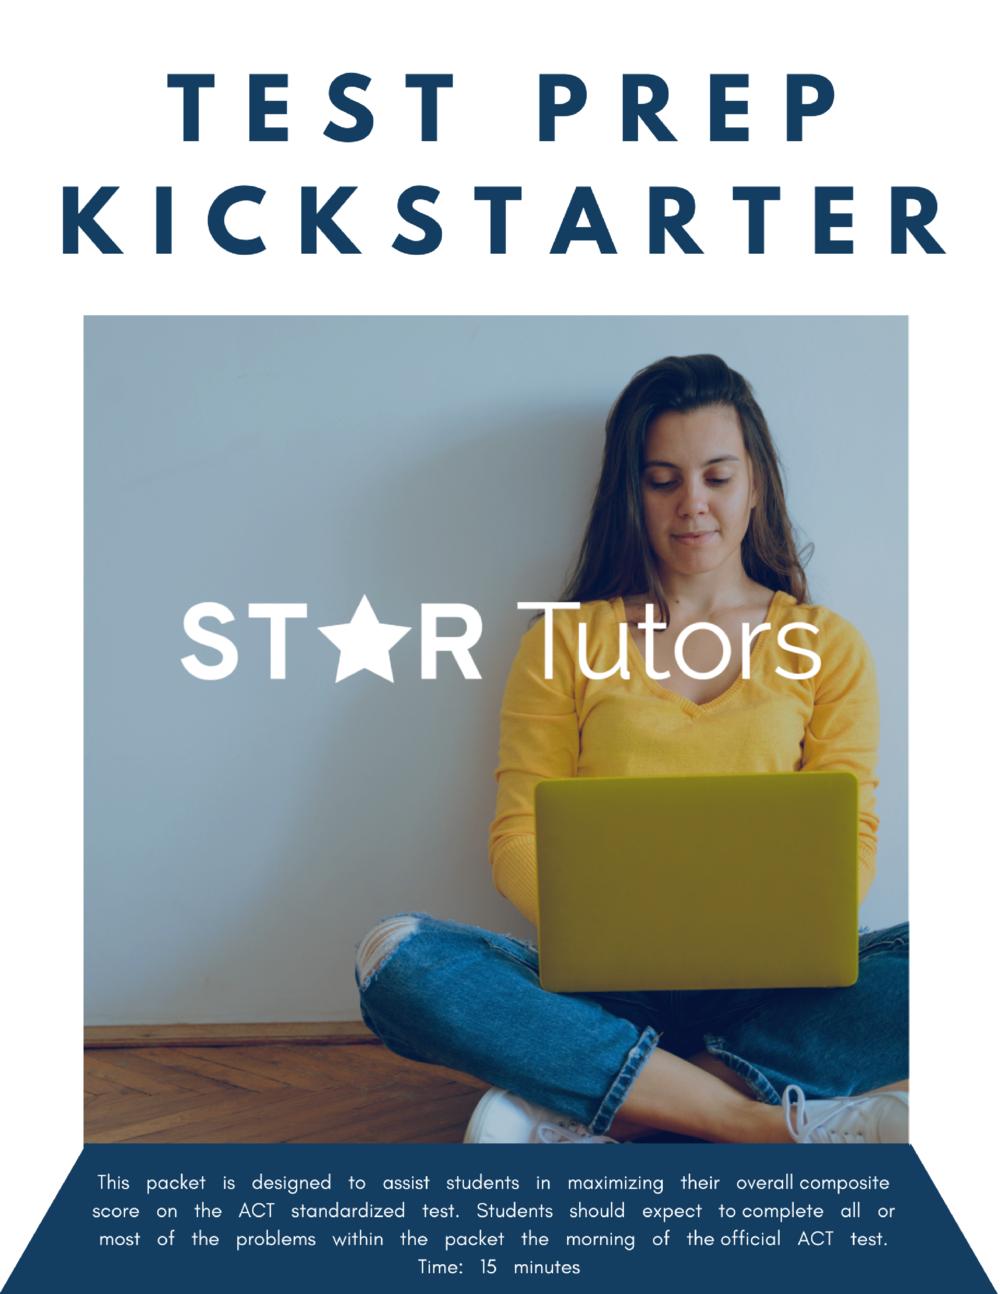 Test PrepKickstarter.png